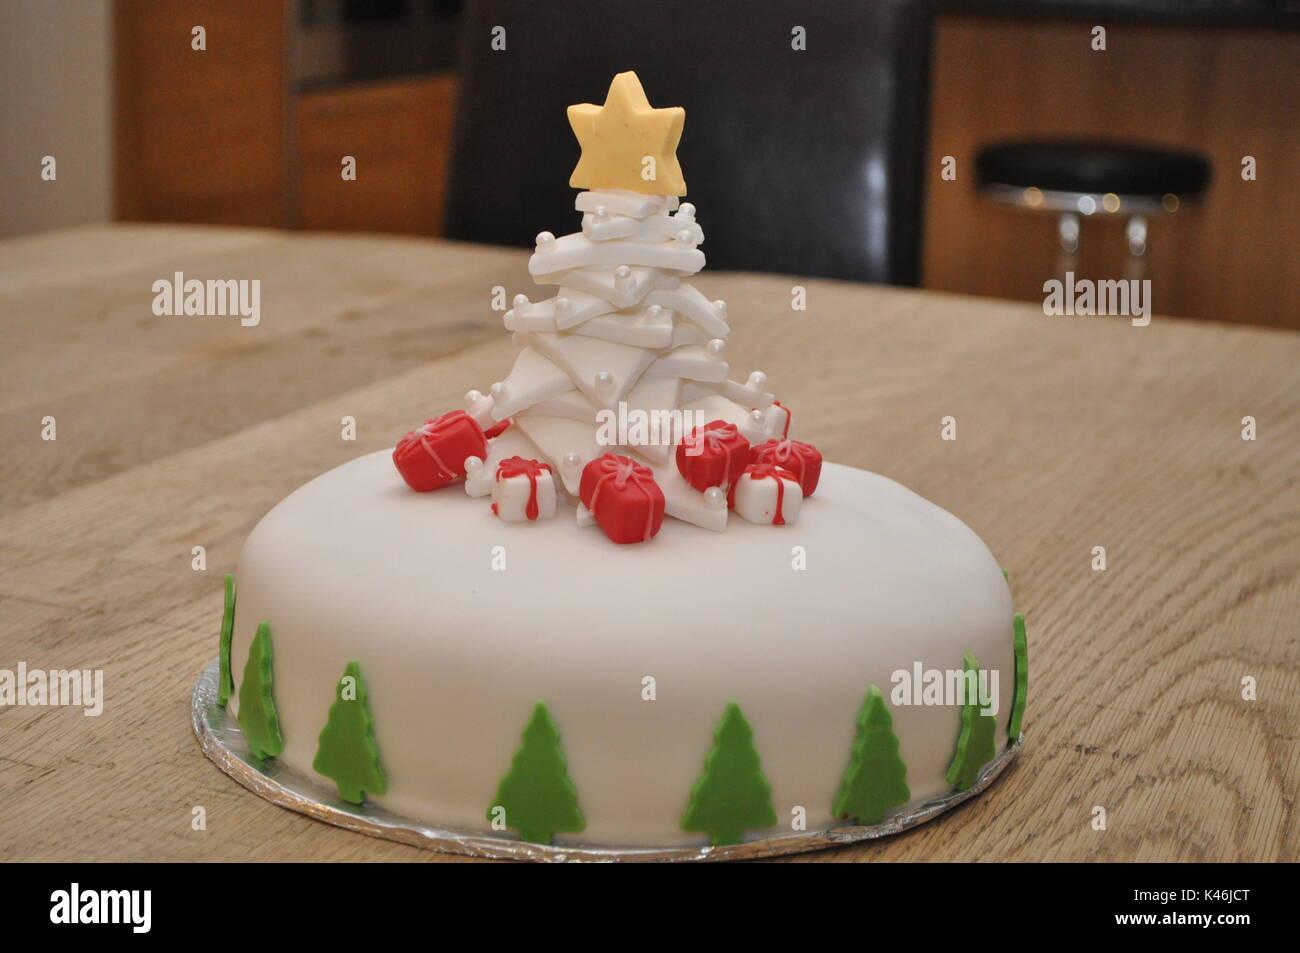 Pastel De Navidad Caseros Fondant Decorada Con Un Arbol De Navidad Y